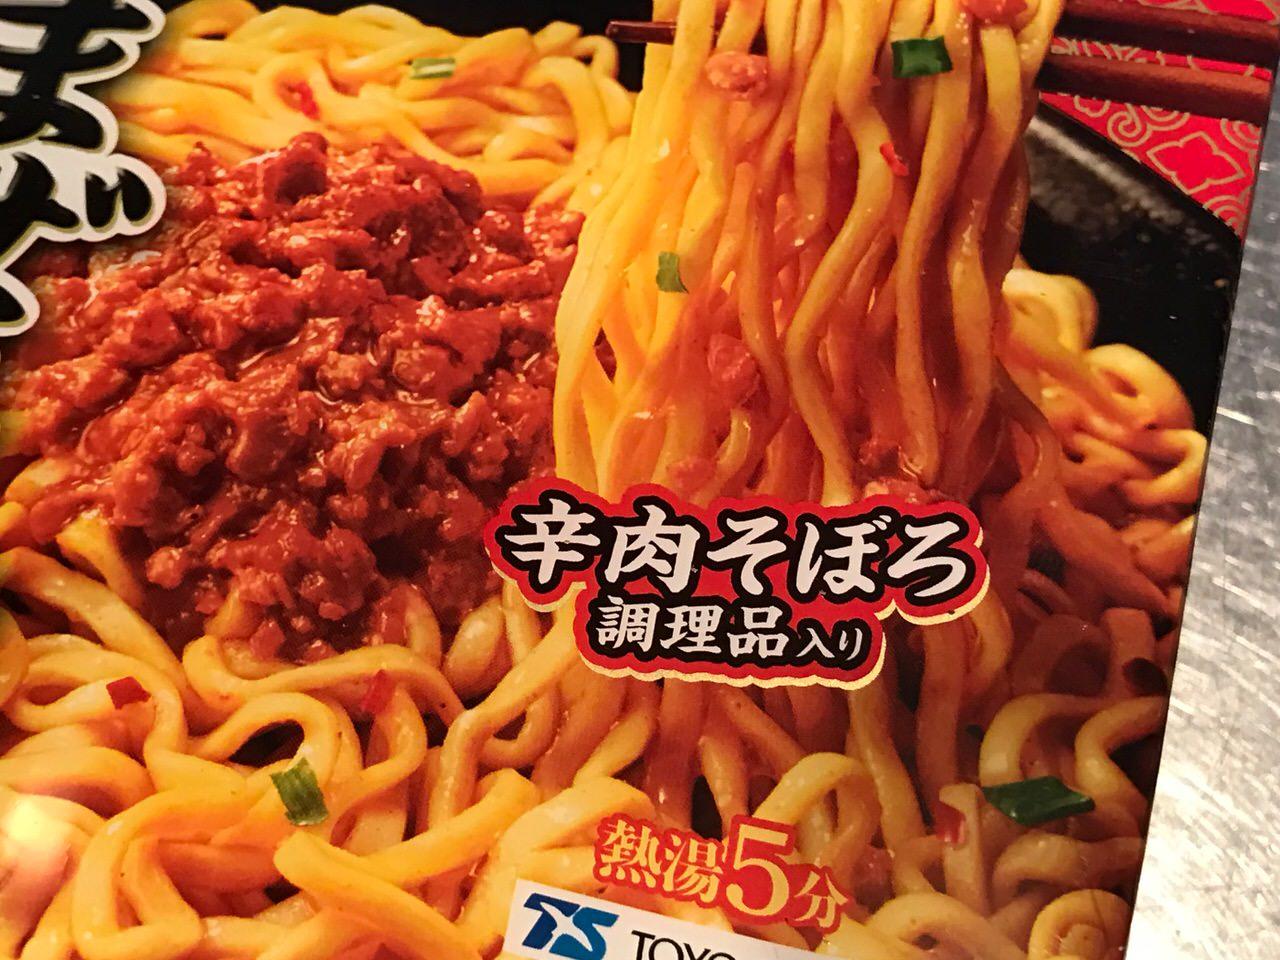 Taiwan maze soba 9240